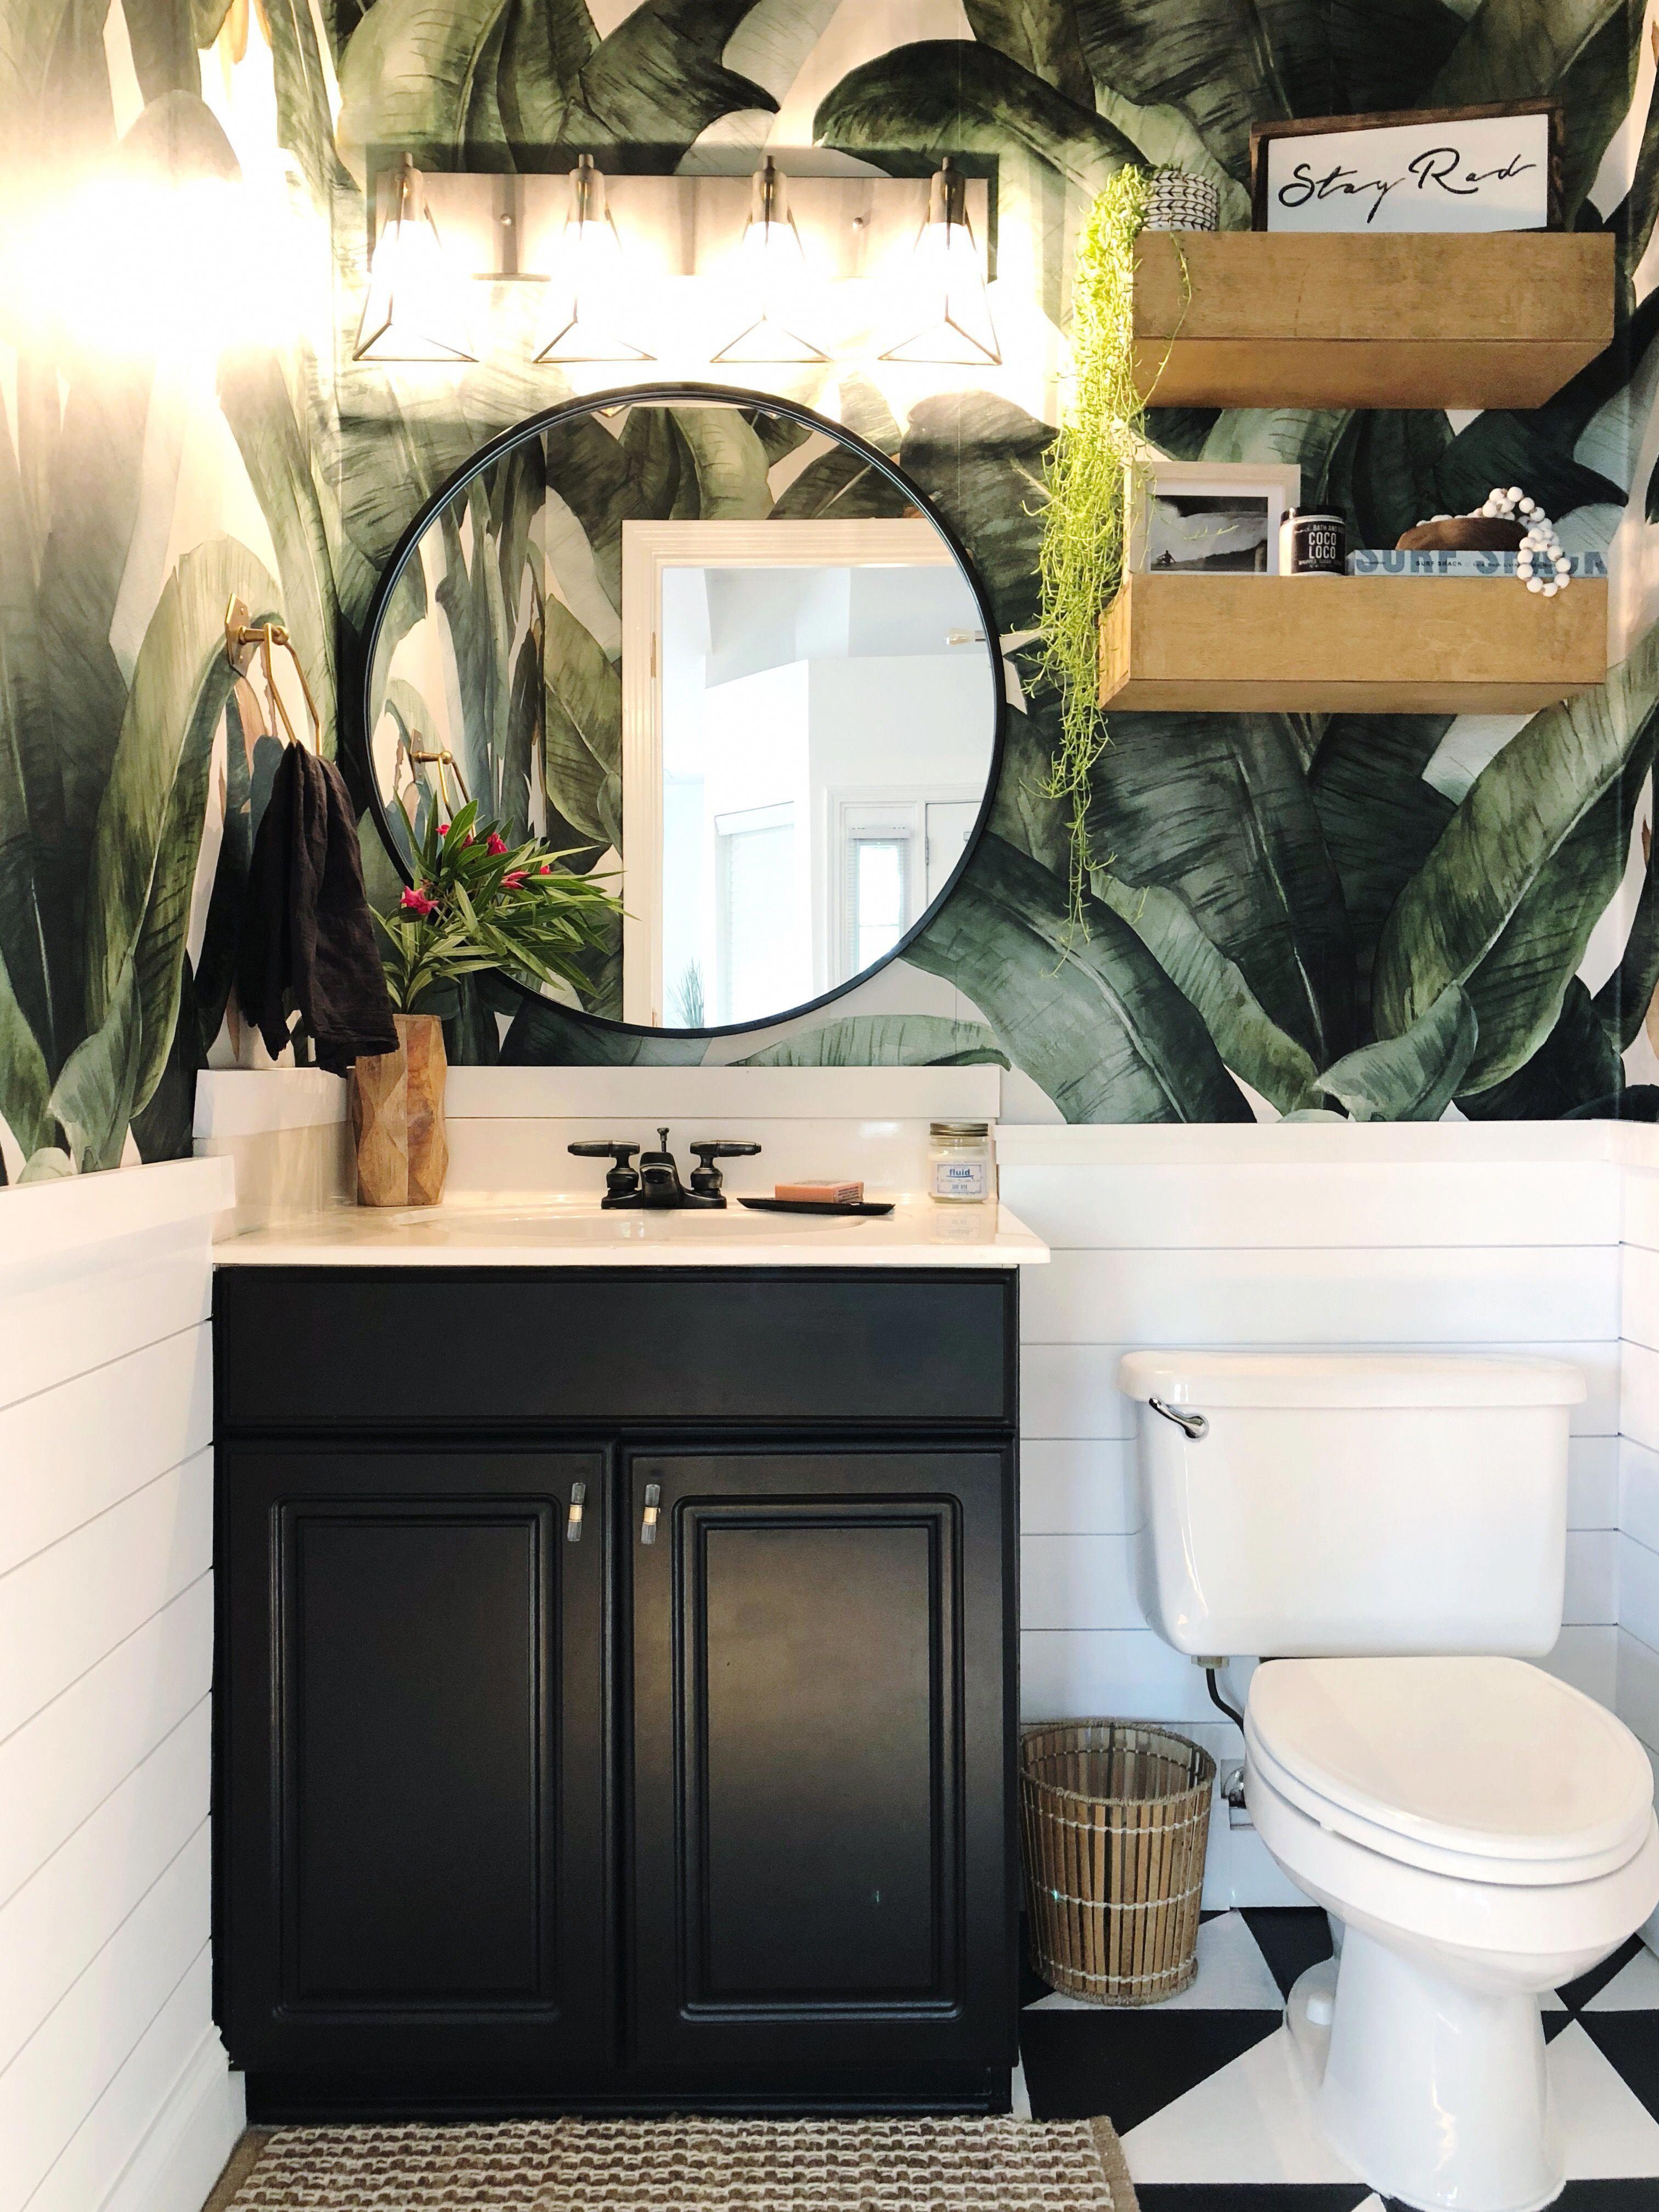 2018 Bathroom Remodel One Room